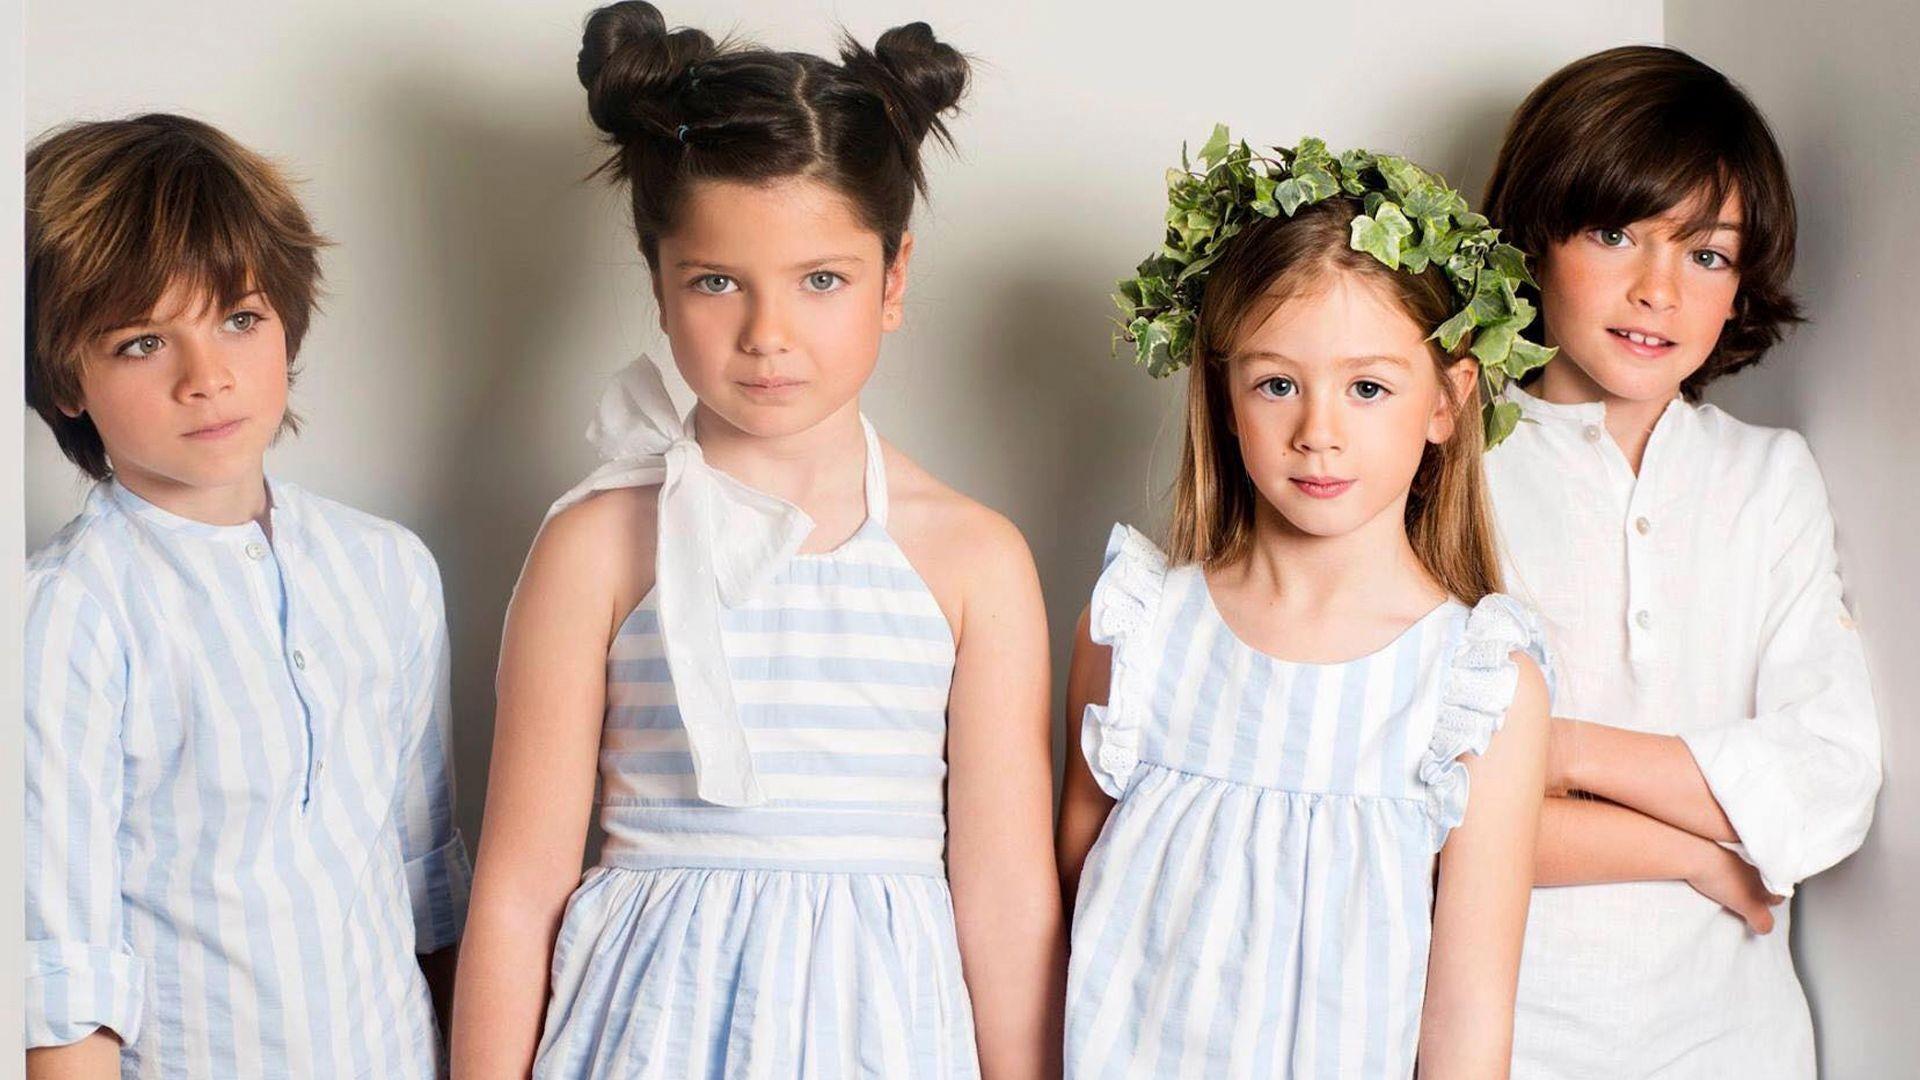 Tienda de ropa de niños y niñas en Roquetas de Mar